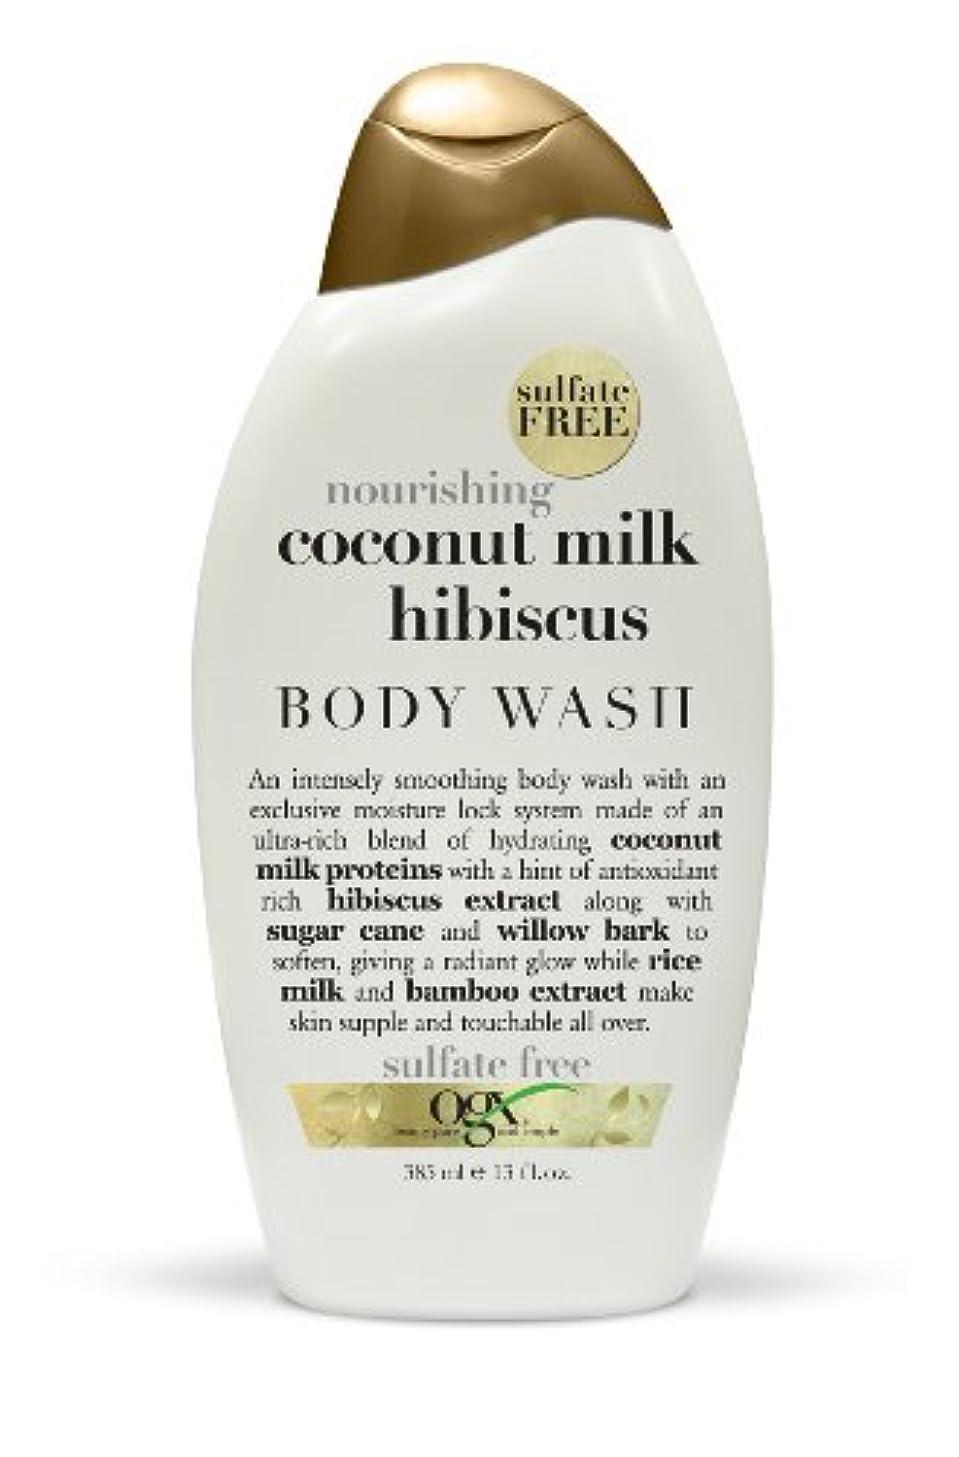 効果的トリクル敵対的Organix Body Wash Coconut Milk 385 ml (Nourishing) (並行輸入品)